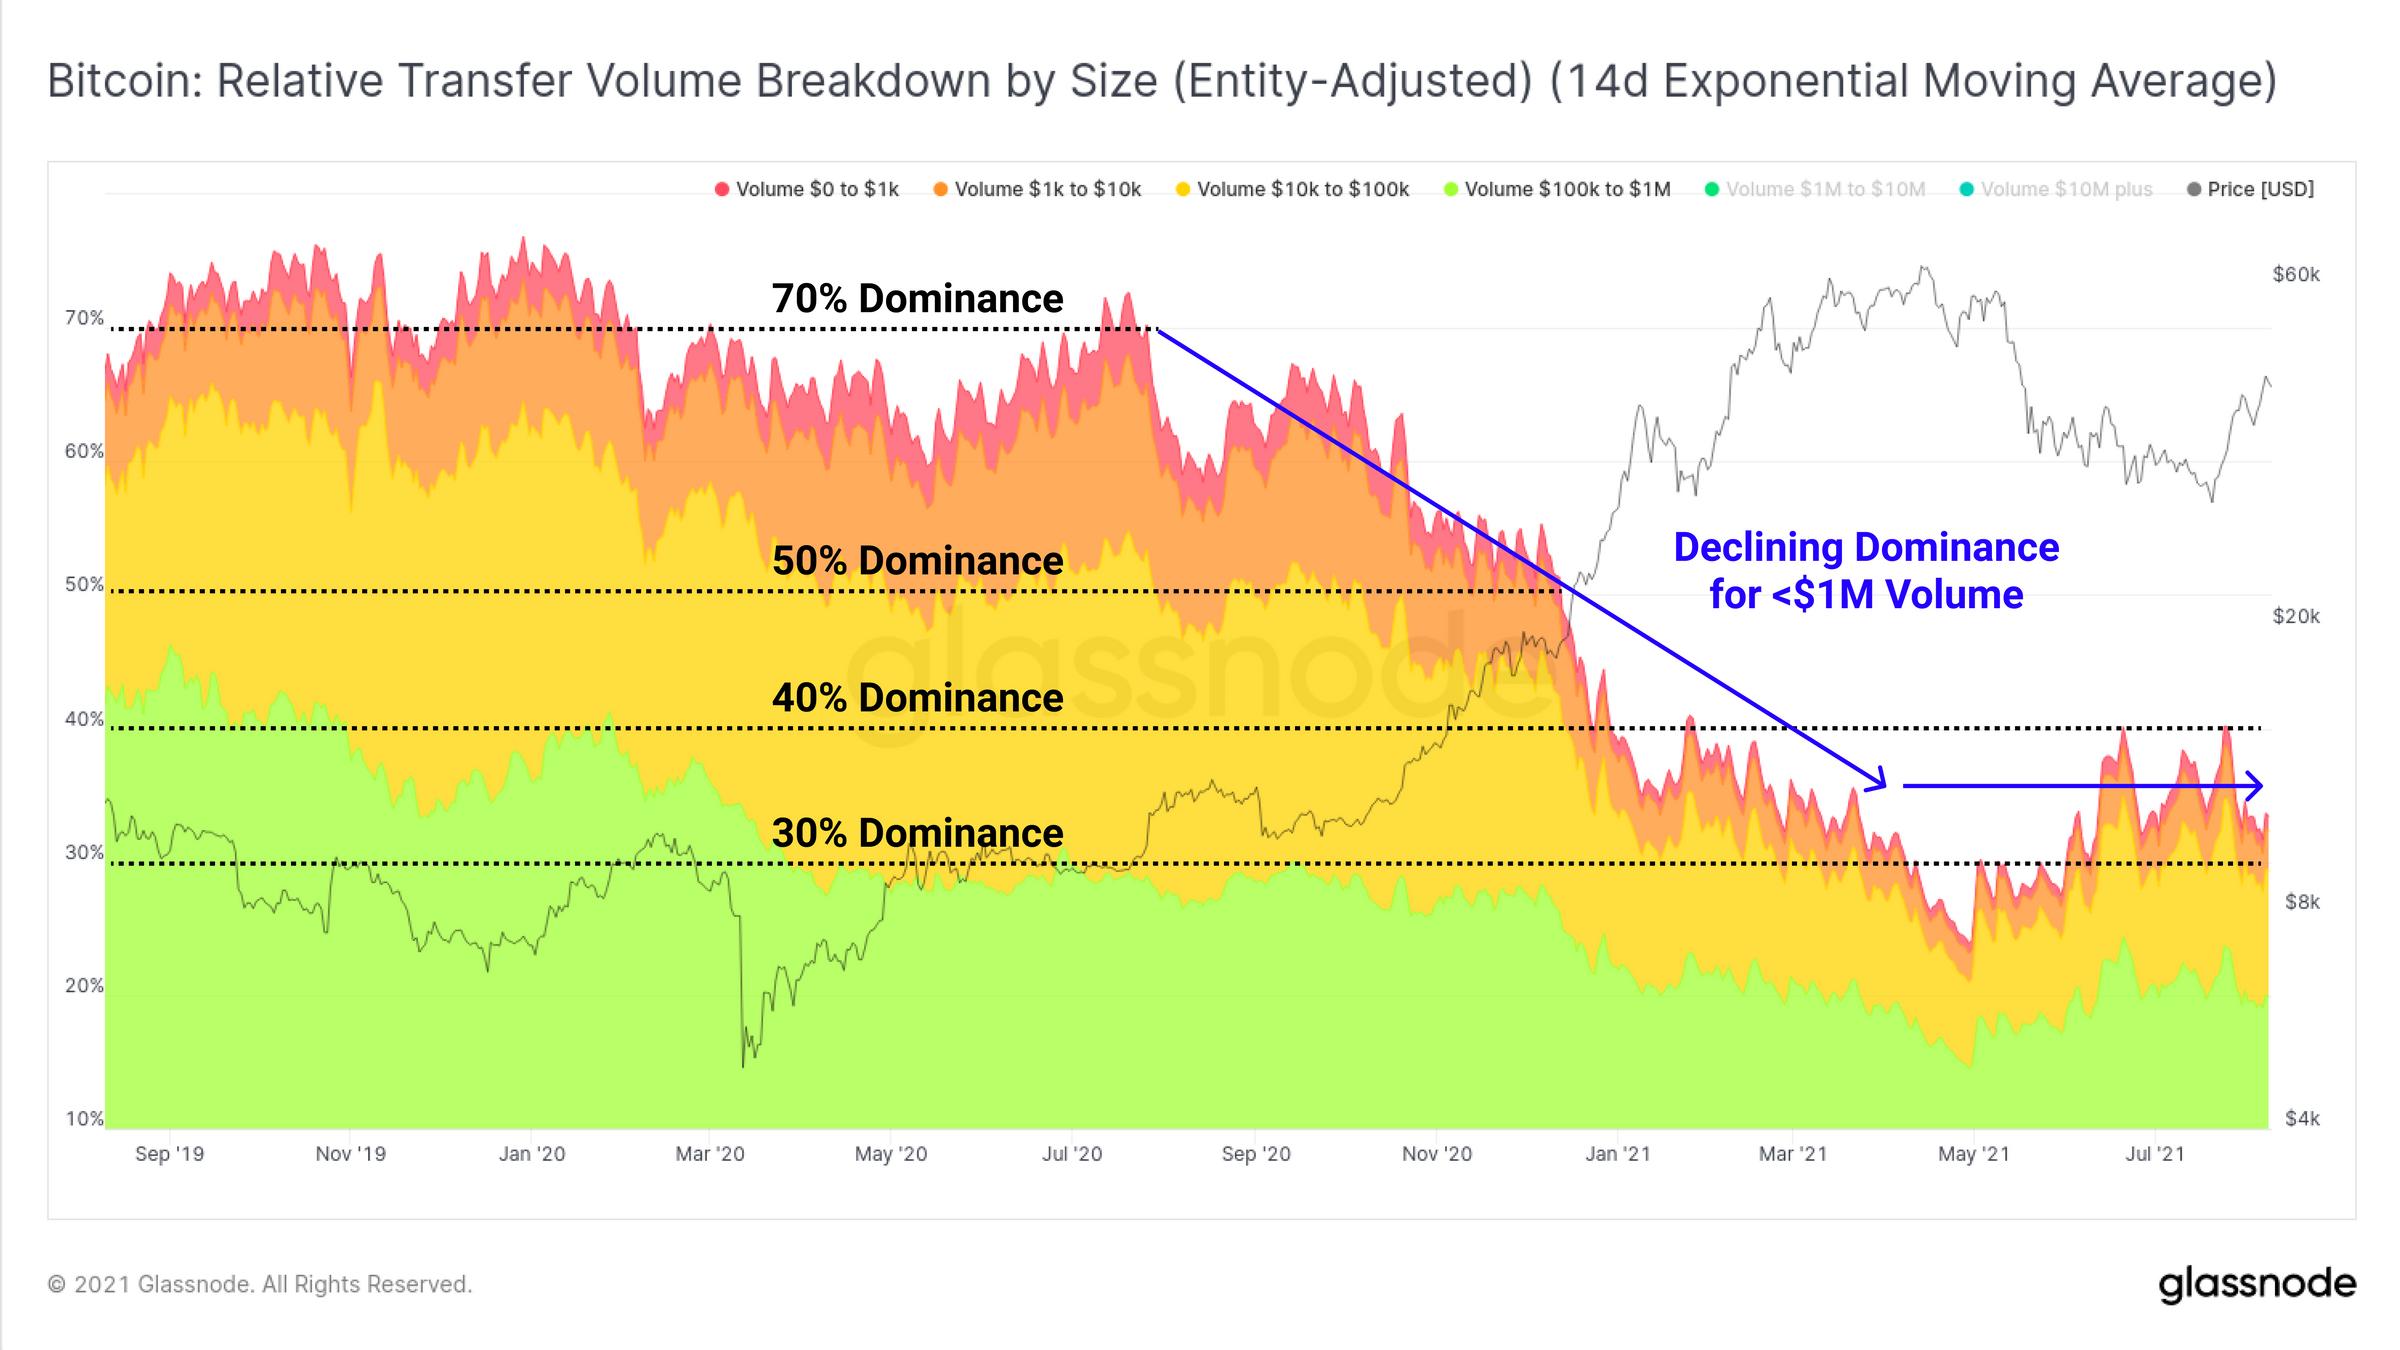 Analisi del volume dei trasferimenti di Bitcoin inferiori a 1 milione di dollari